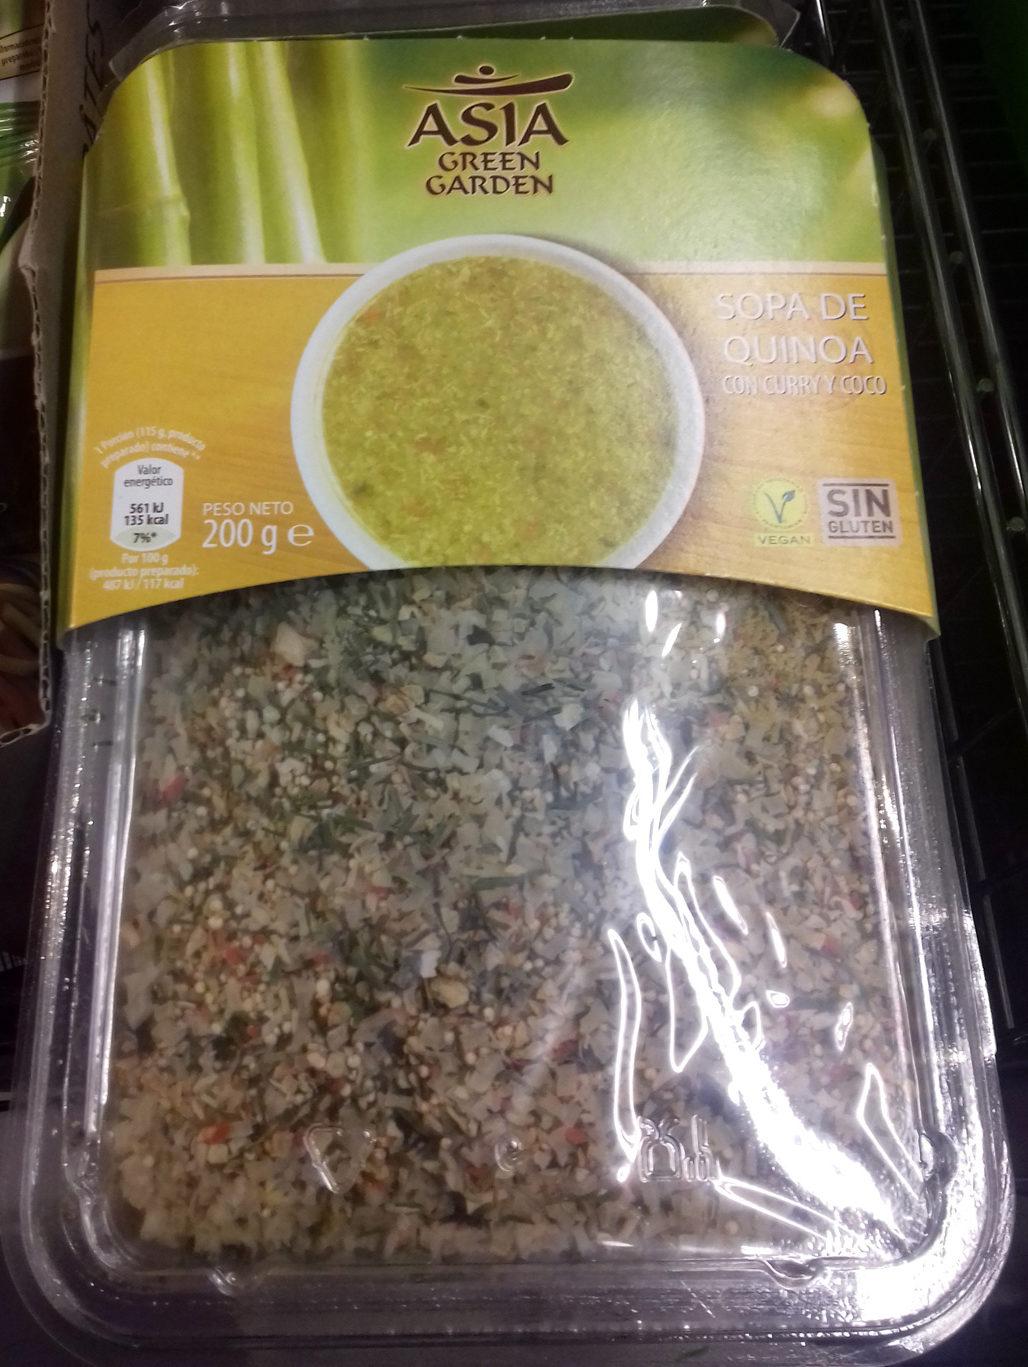 Sopa de quinoa con curry y coco - Producto - es